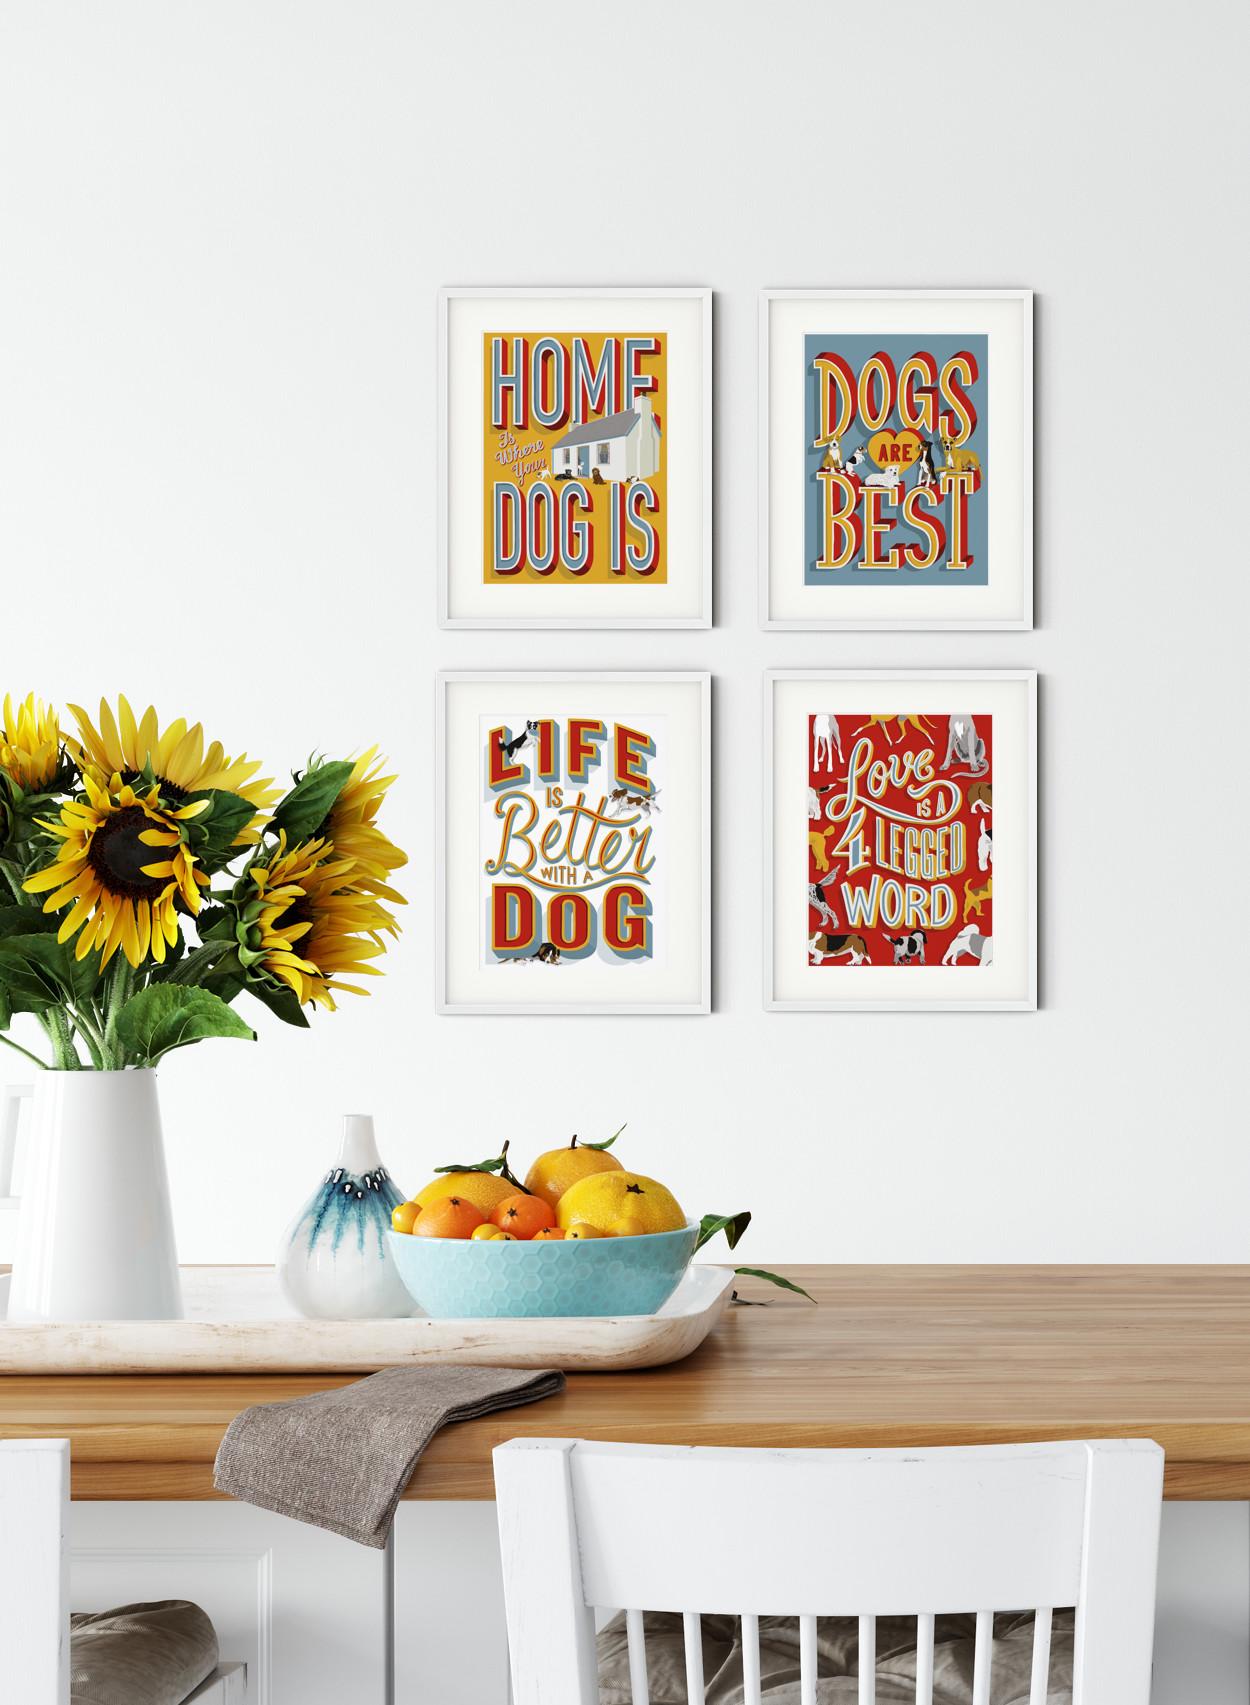 Dog Lover Gift Art Prints | The Enlightened Hound